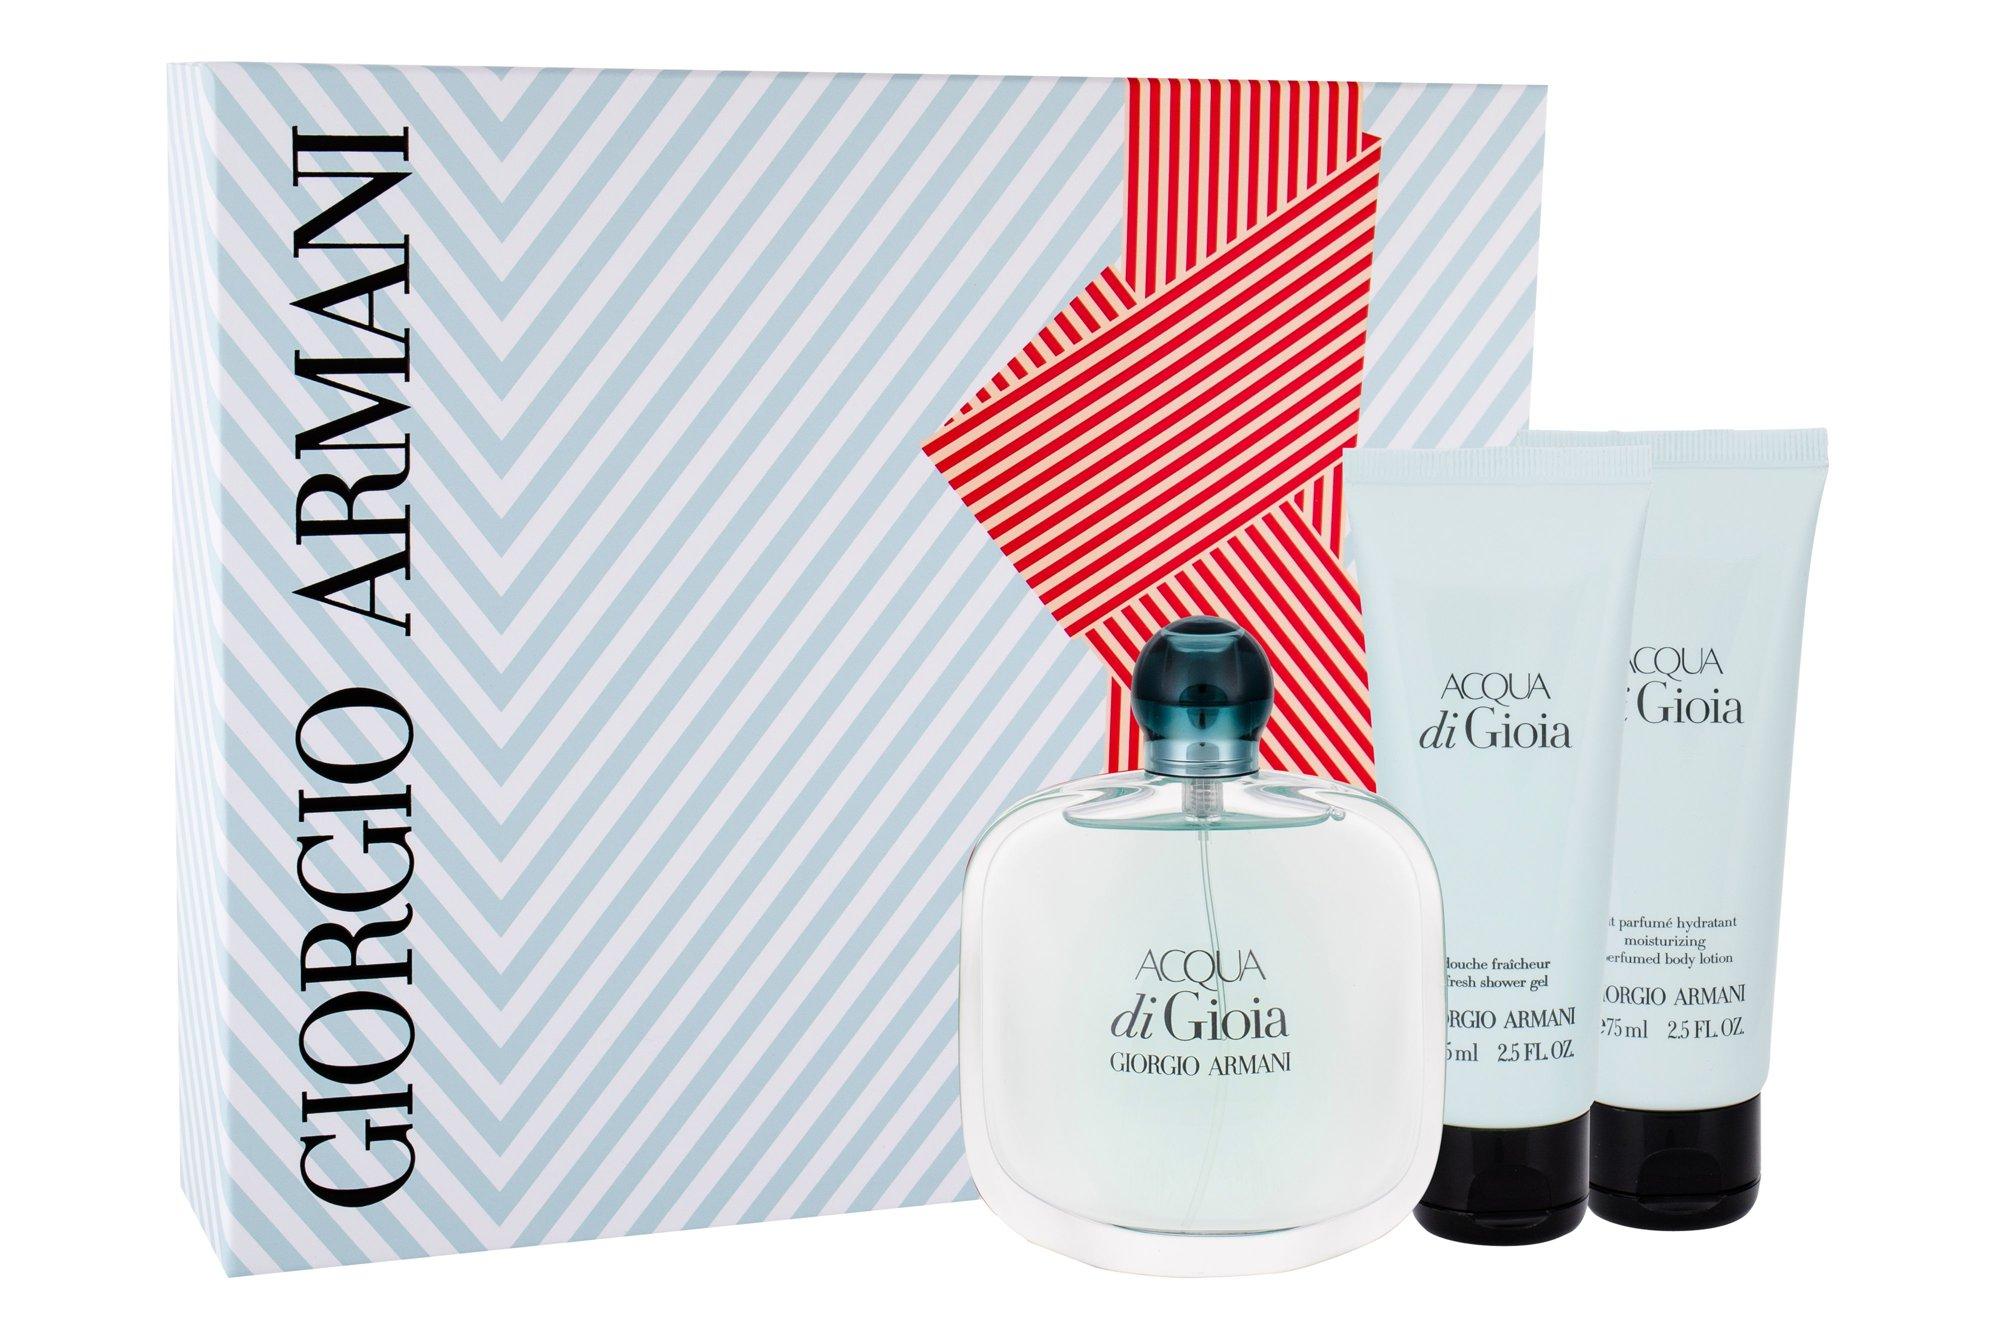 Giorgio Armani Acqua di Gioia, parfumovaná voda 100 ml + Tělové mléko 75 ml + sprchovací gél 75 ml